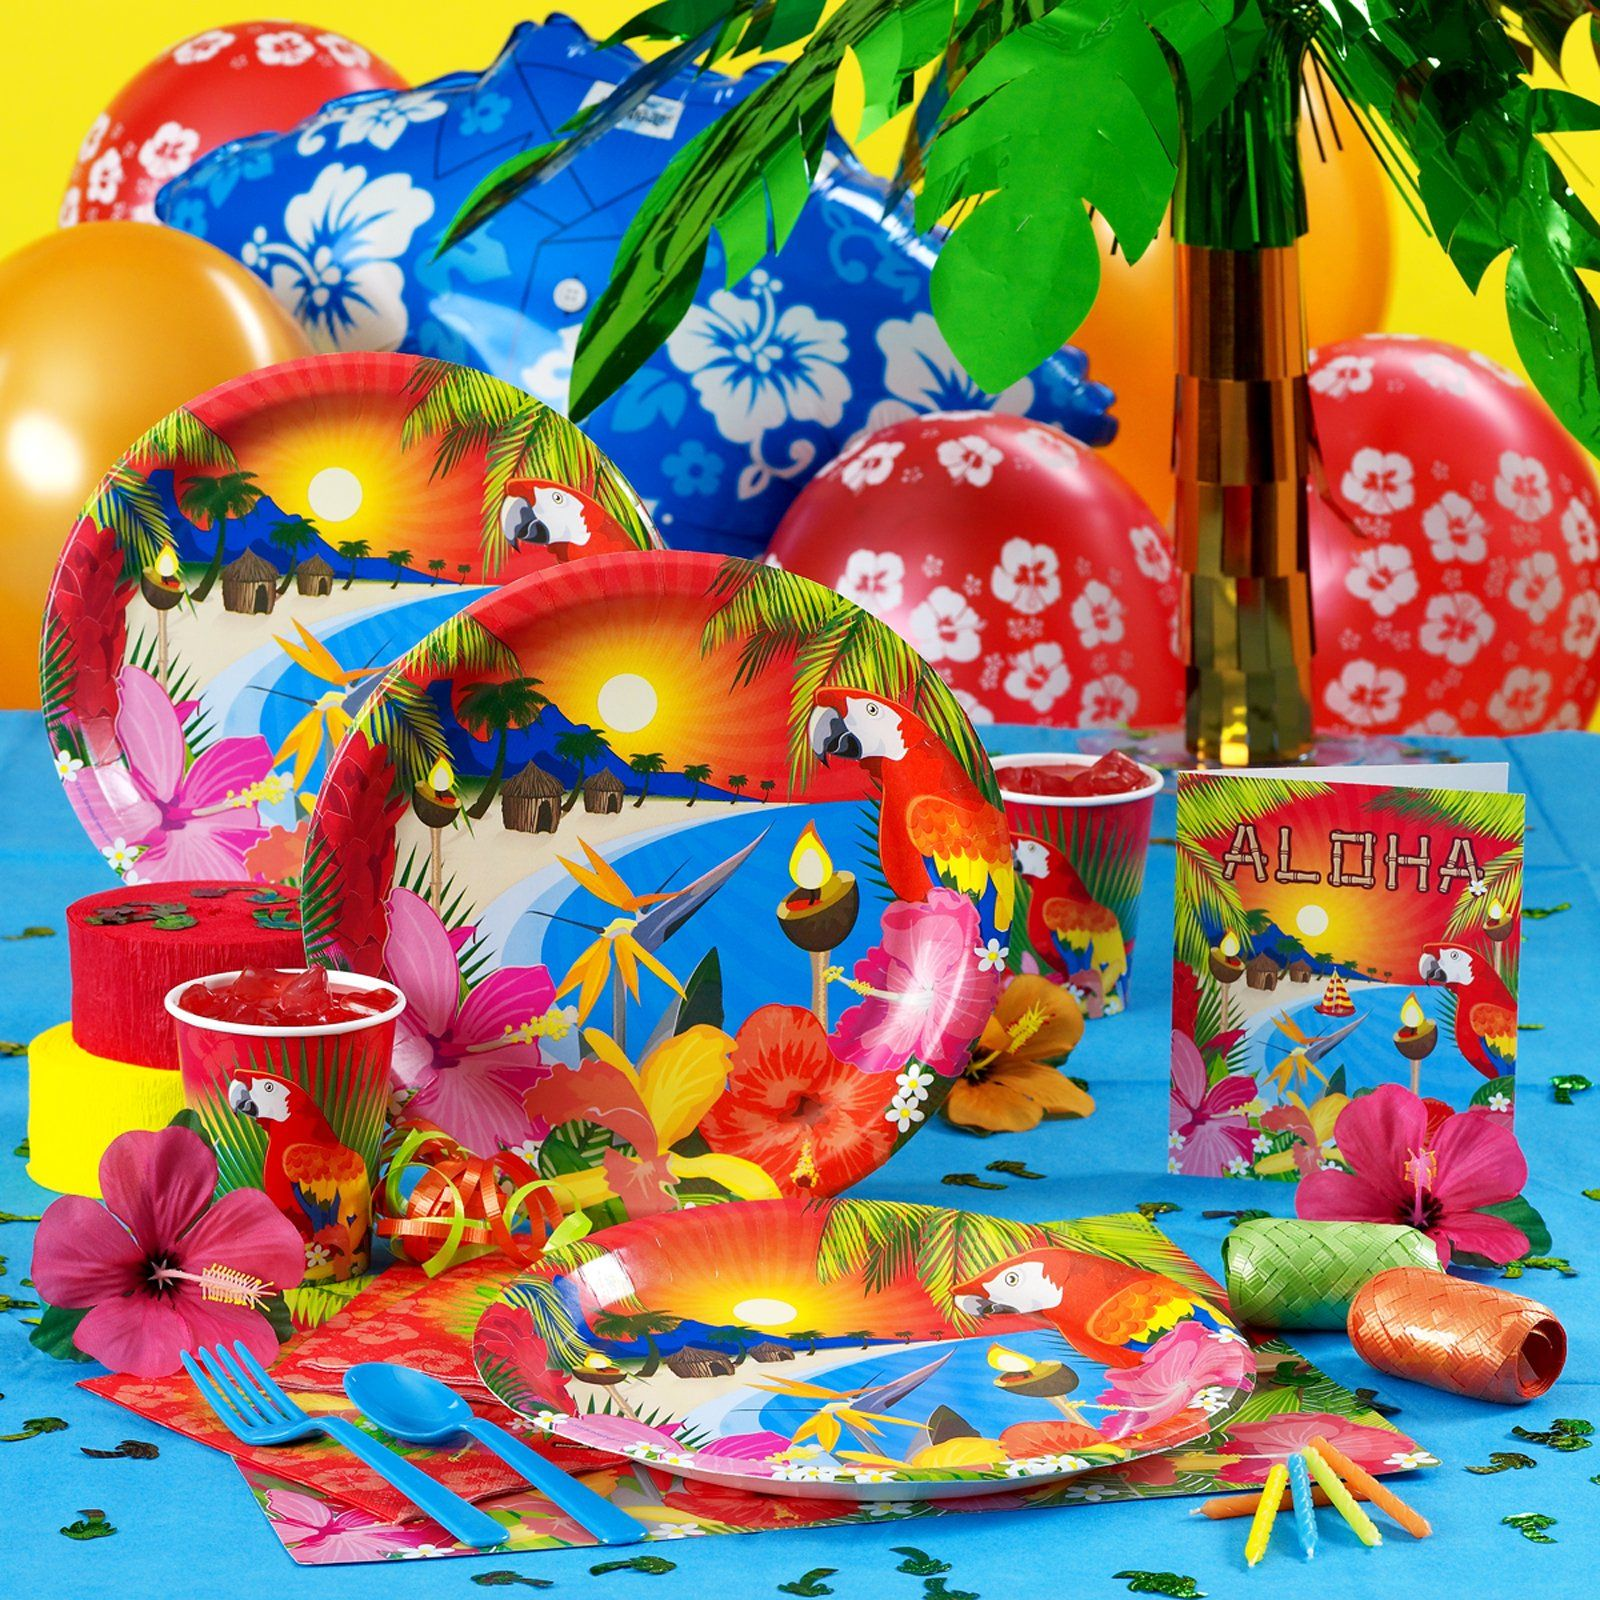 hawaiian party ideas | Tropical Hula Girl Invitations Party Hawaiian ...